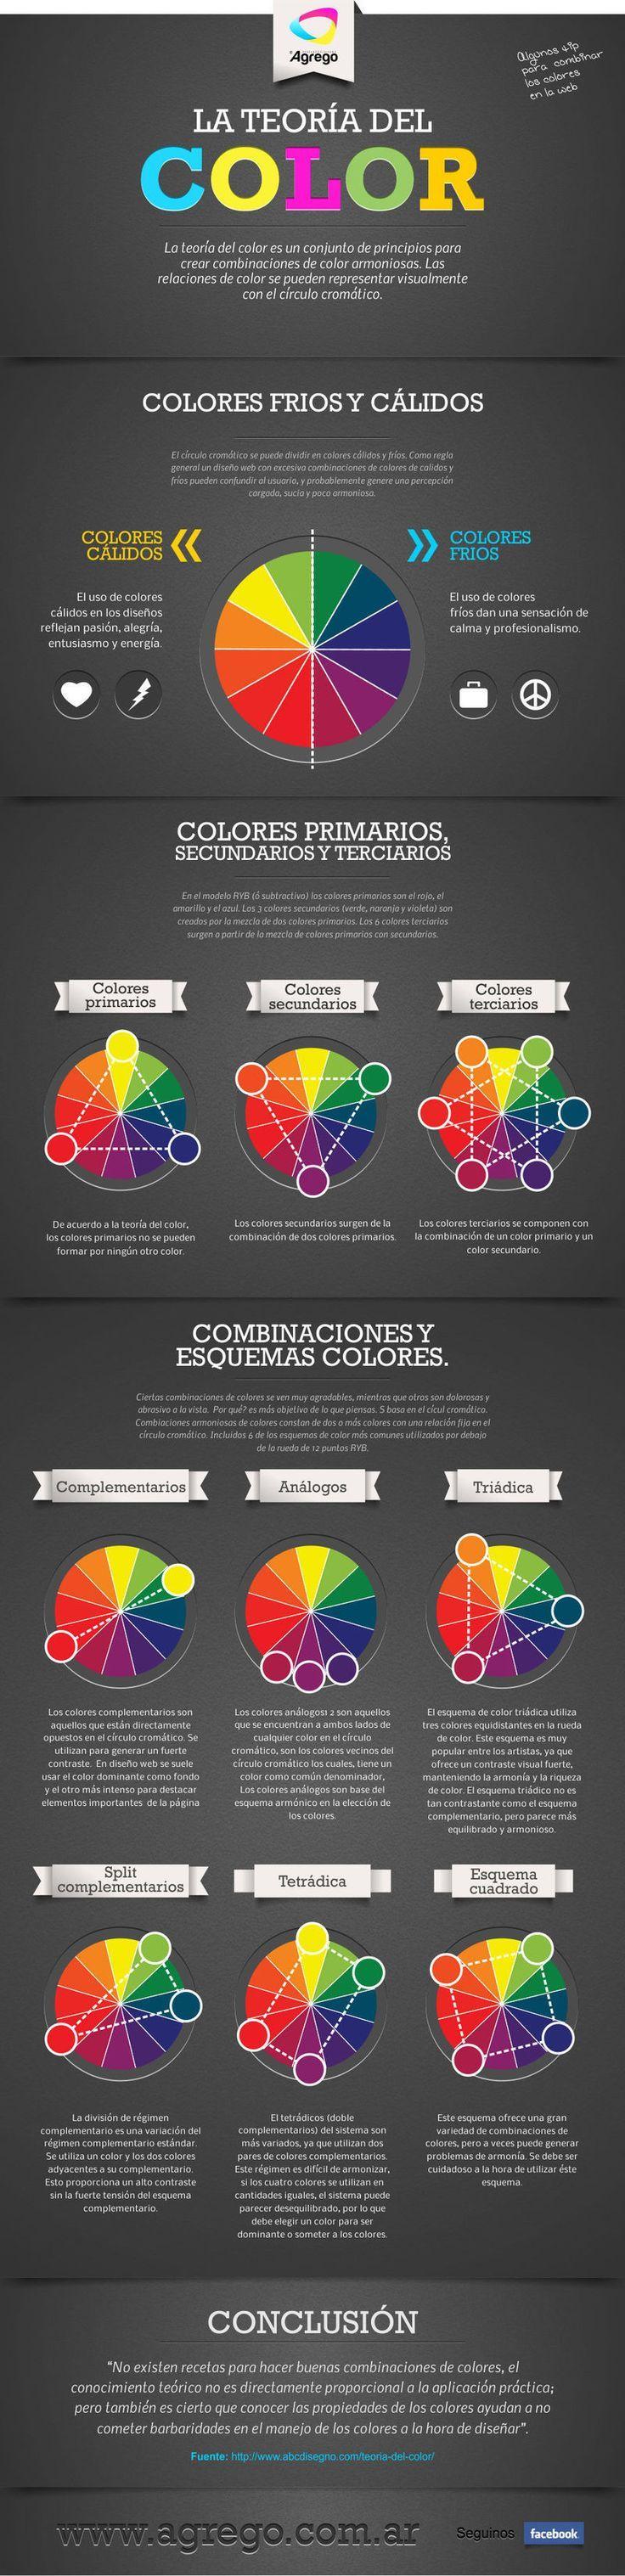 Teoría Del Color #Infografía en Español | Diseño Web, Diseño Gráfico y Social Media En El Salvador